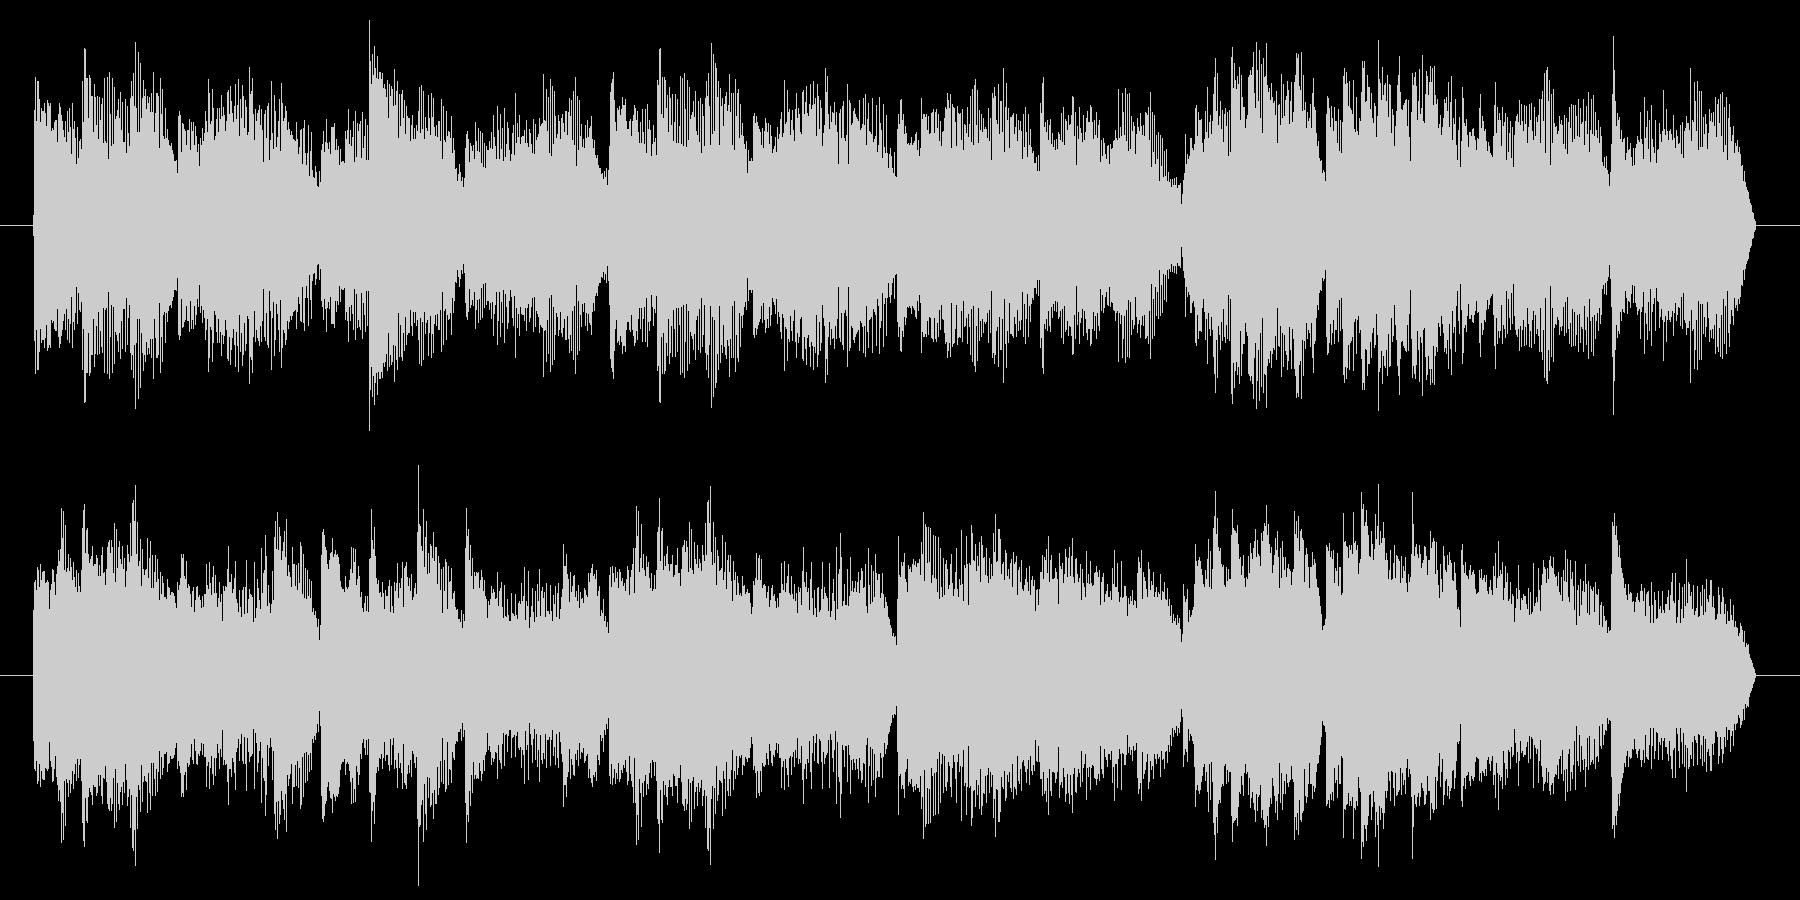 様々な用途に使える優雅なピアノソロ曲の未再生の波形